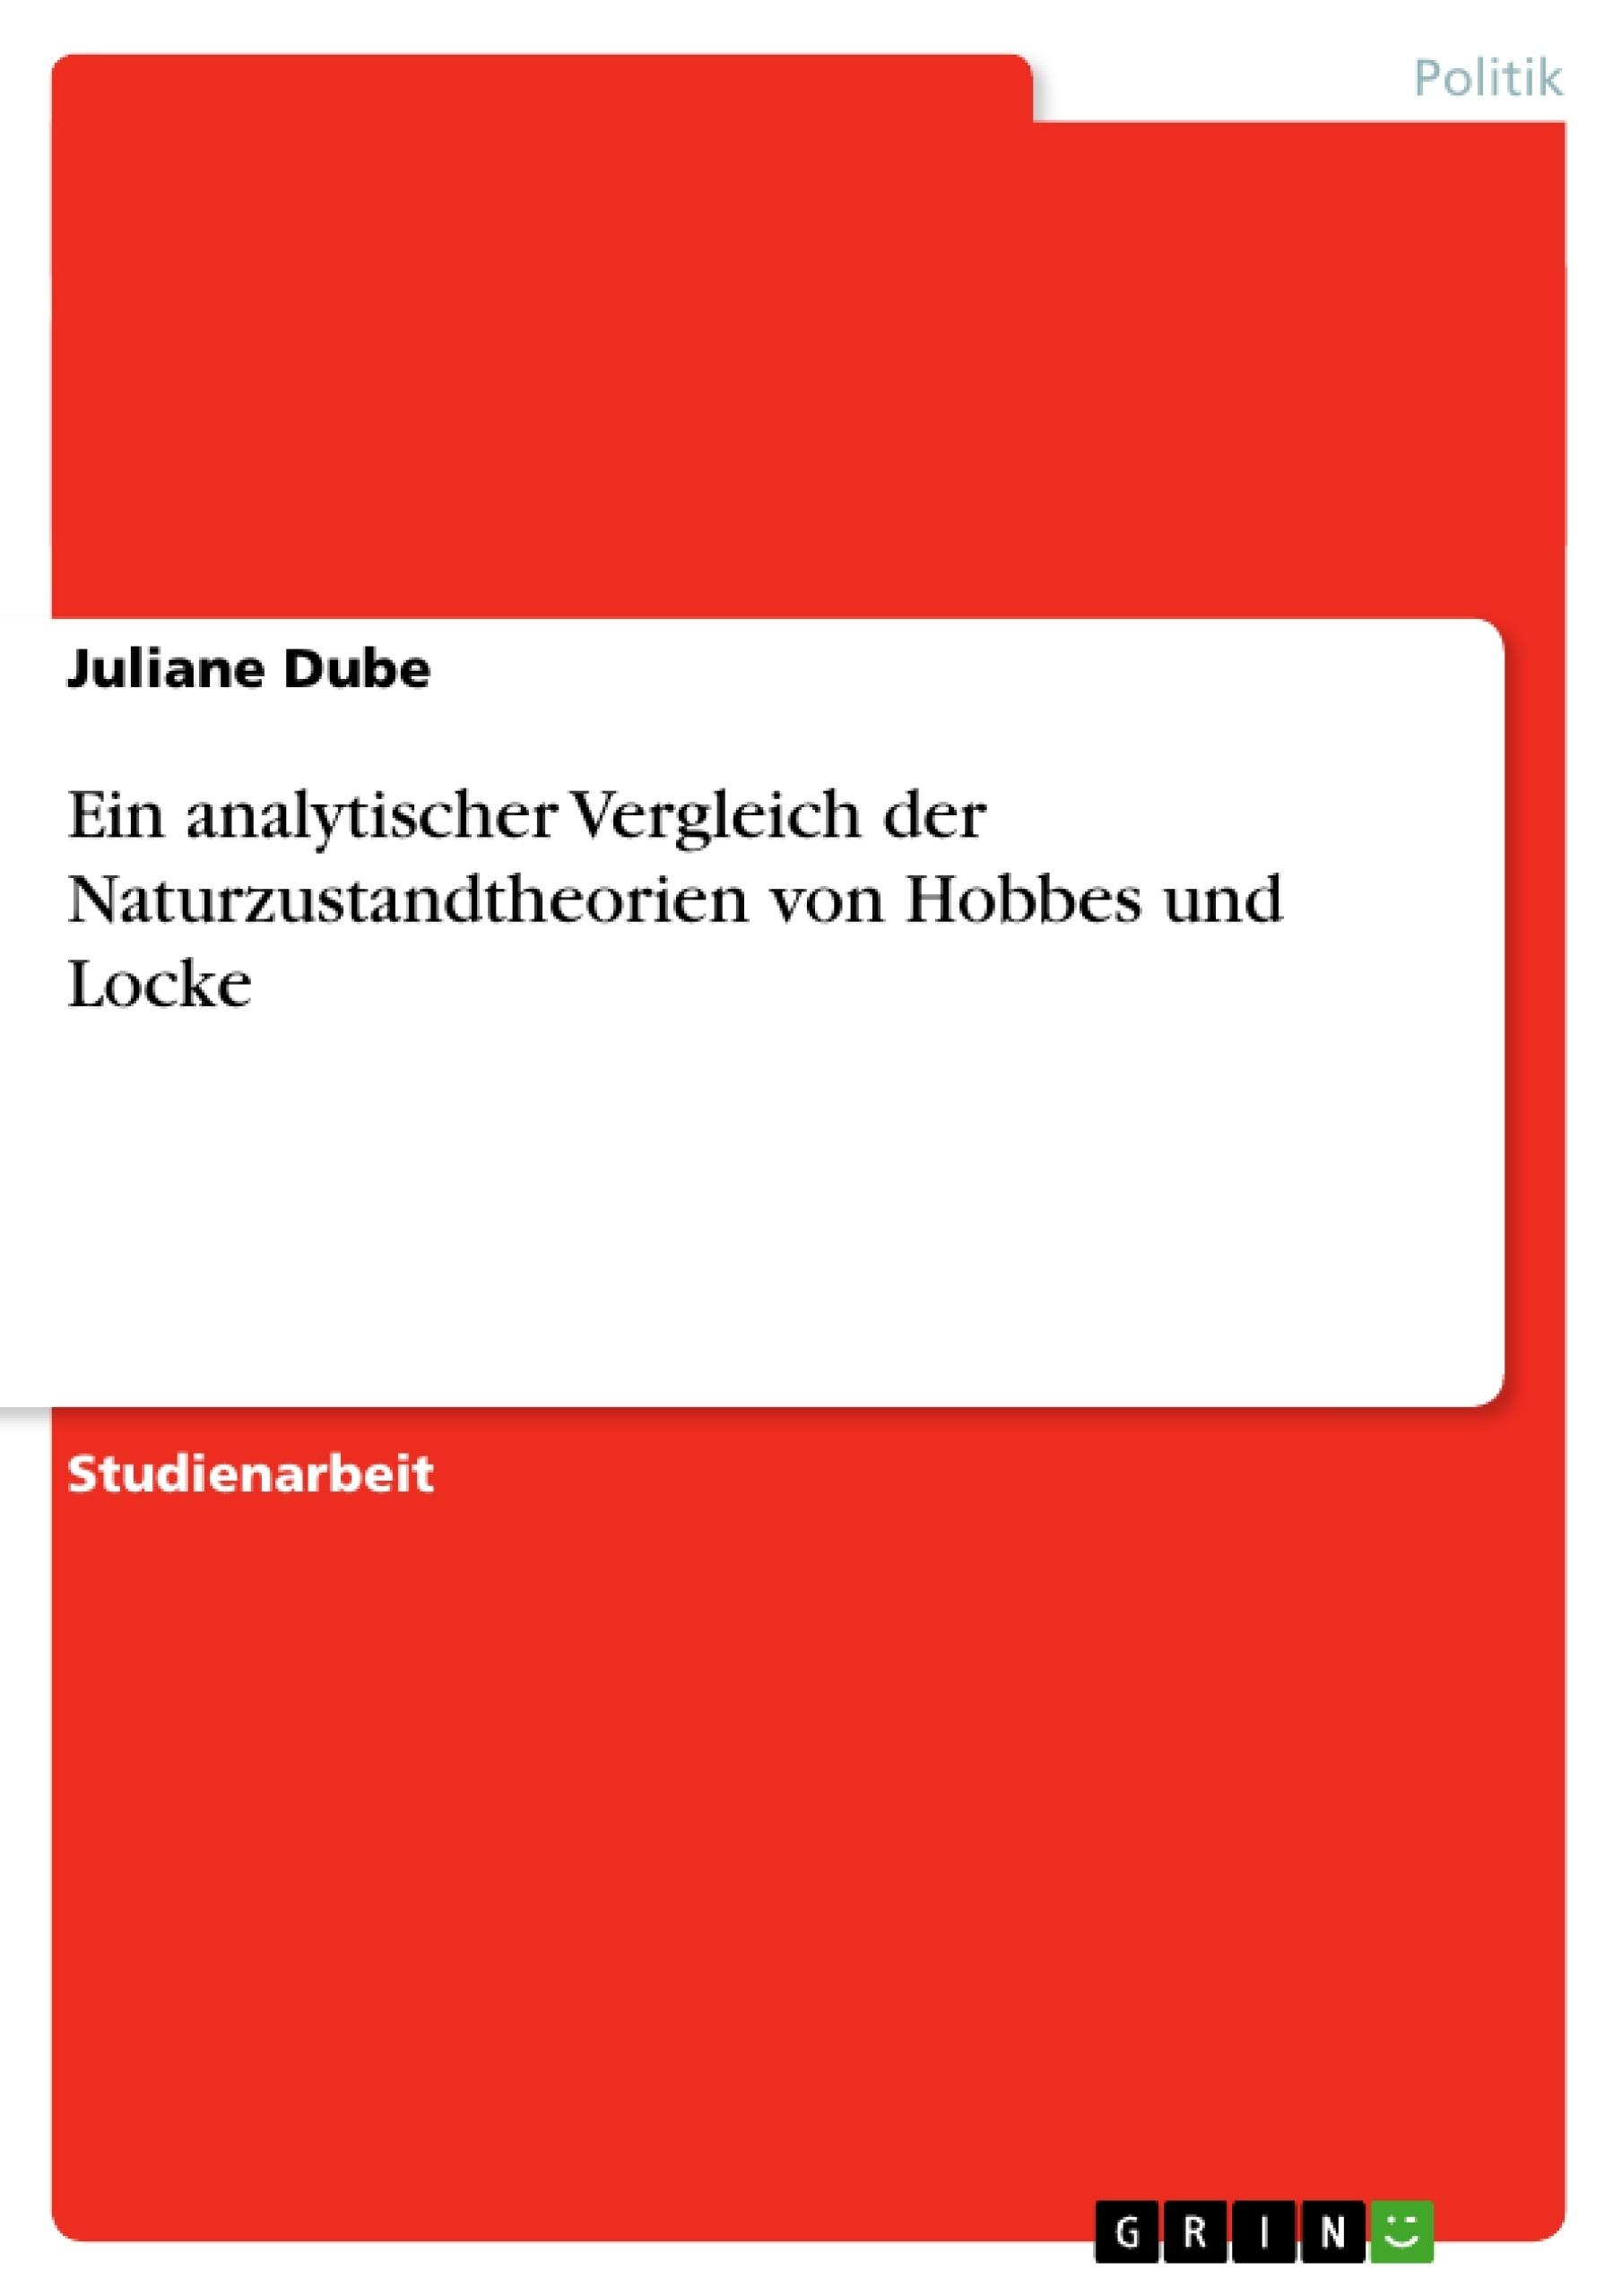 Titel: Ein analytischer Vergleich der Naturzustandtheorien von Hobbes und Locke